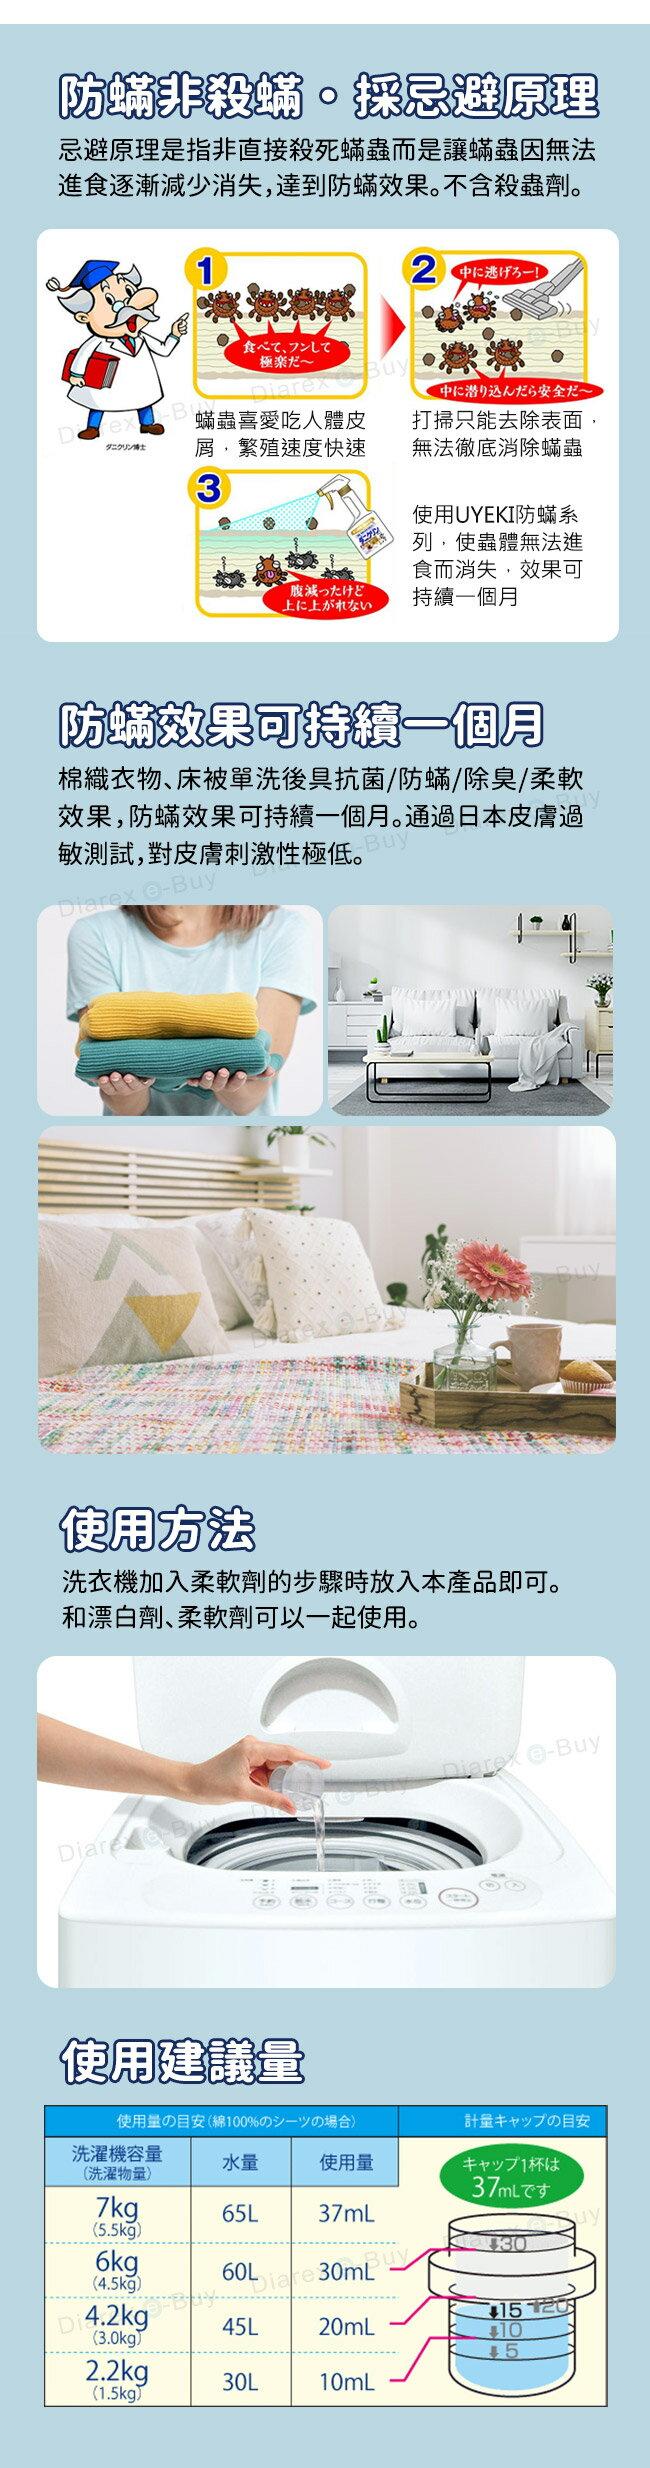 日本UYEKI抗菌防蟎衣物柔軟精500ml 防蹣 / 洗衣 / 柔軟精 / 洗衣精 / 添加液 / 衣物 / 洗衣 3